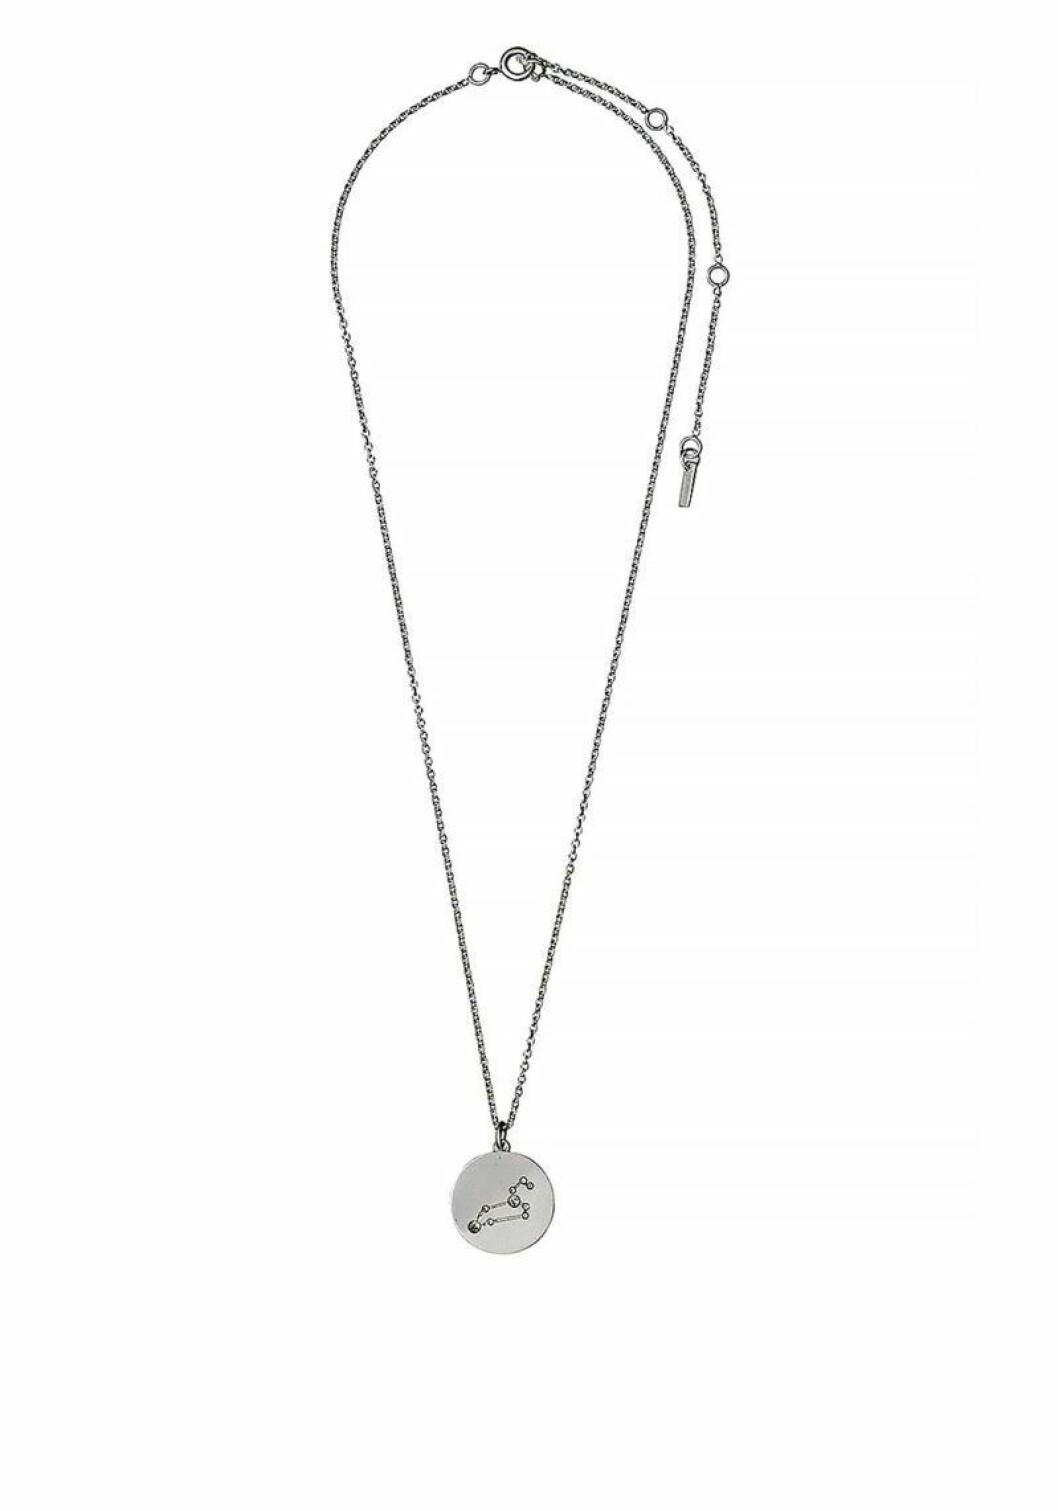 Halsband från Pilgrim med stjärntecken, lejonet